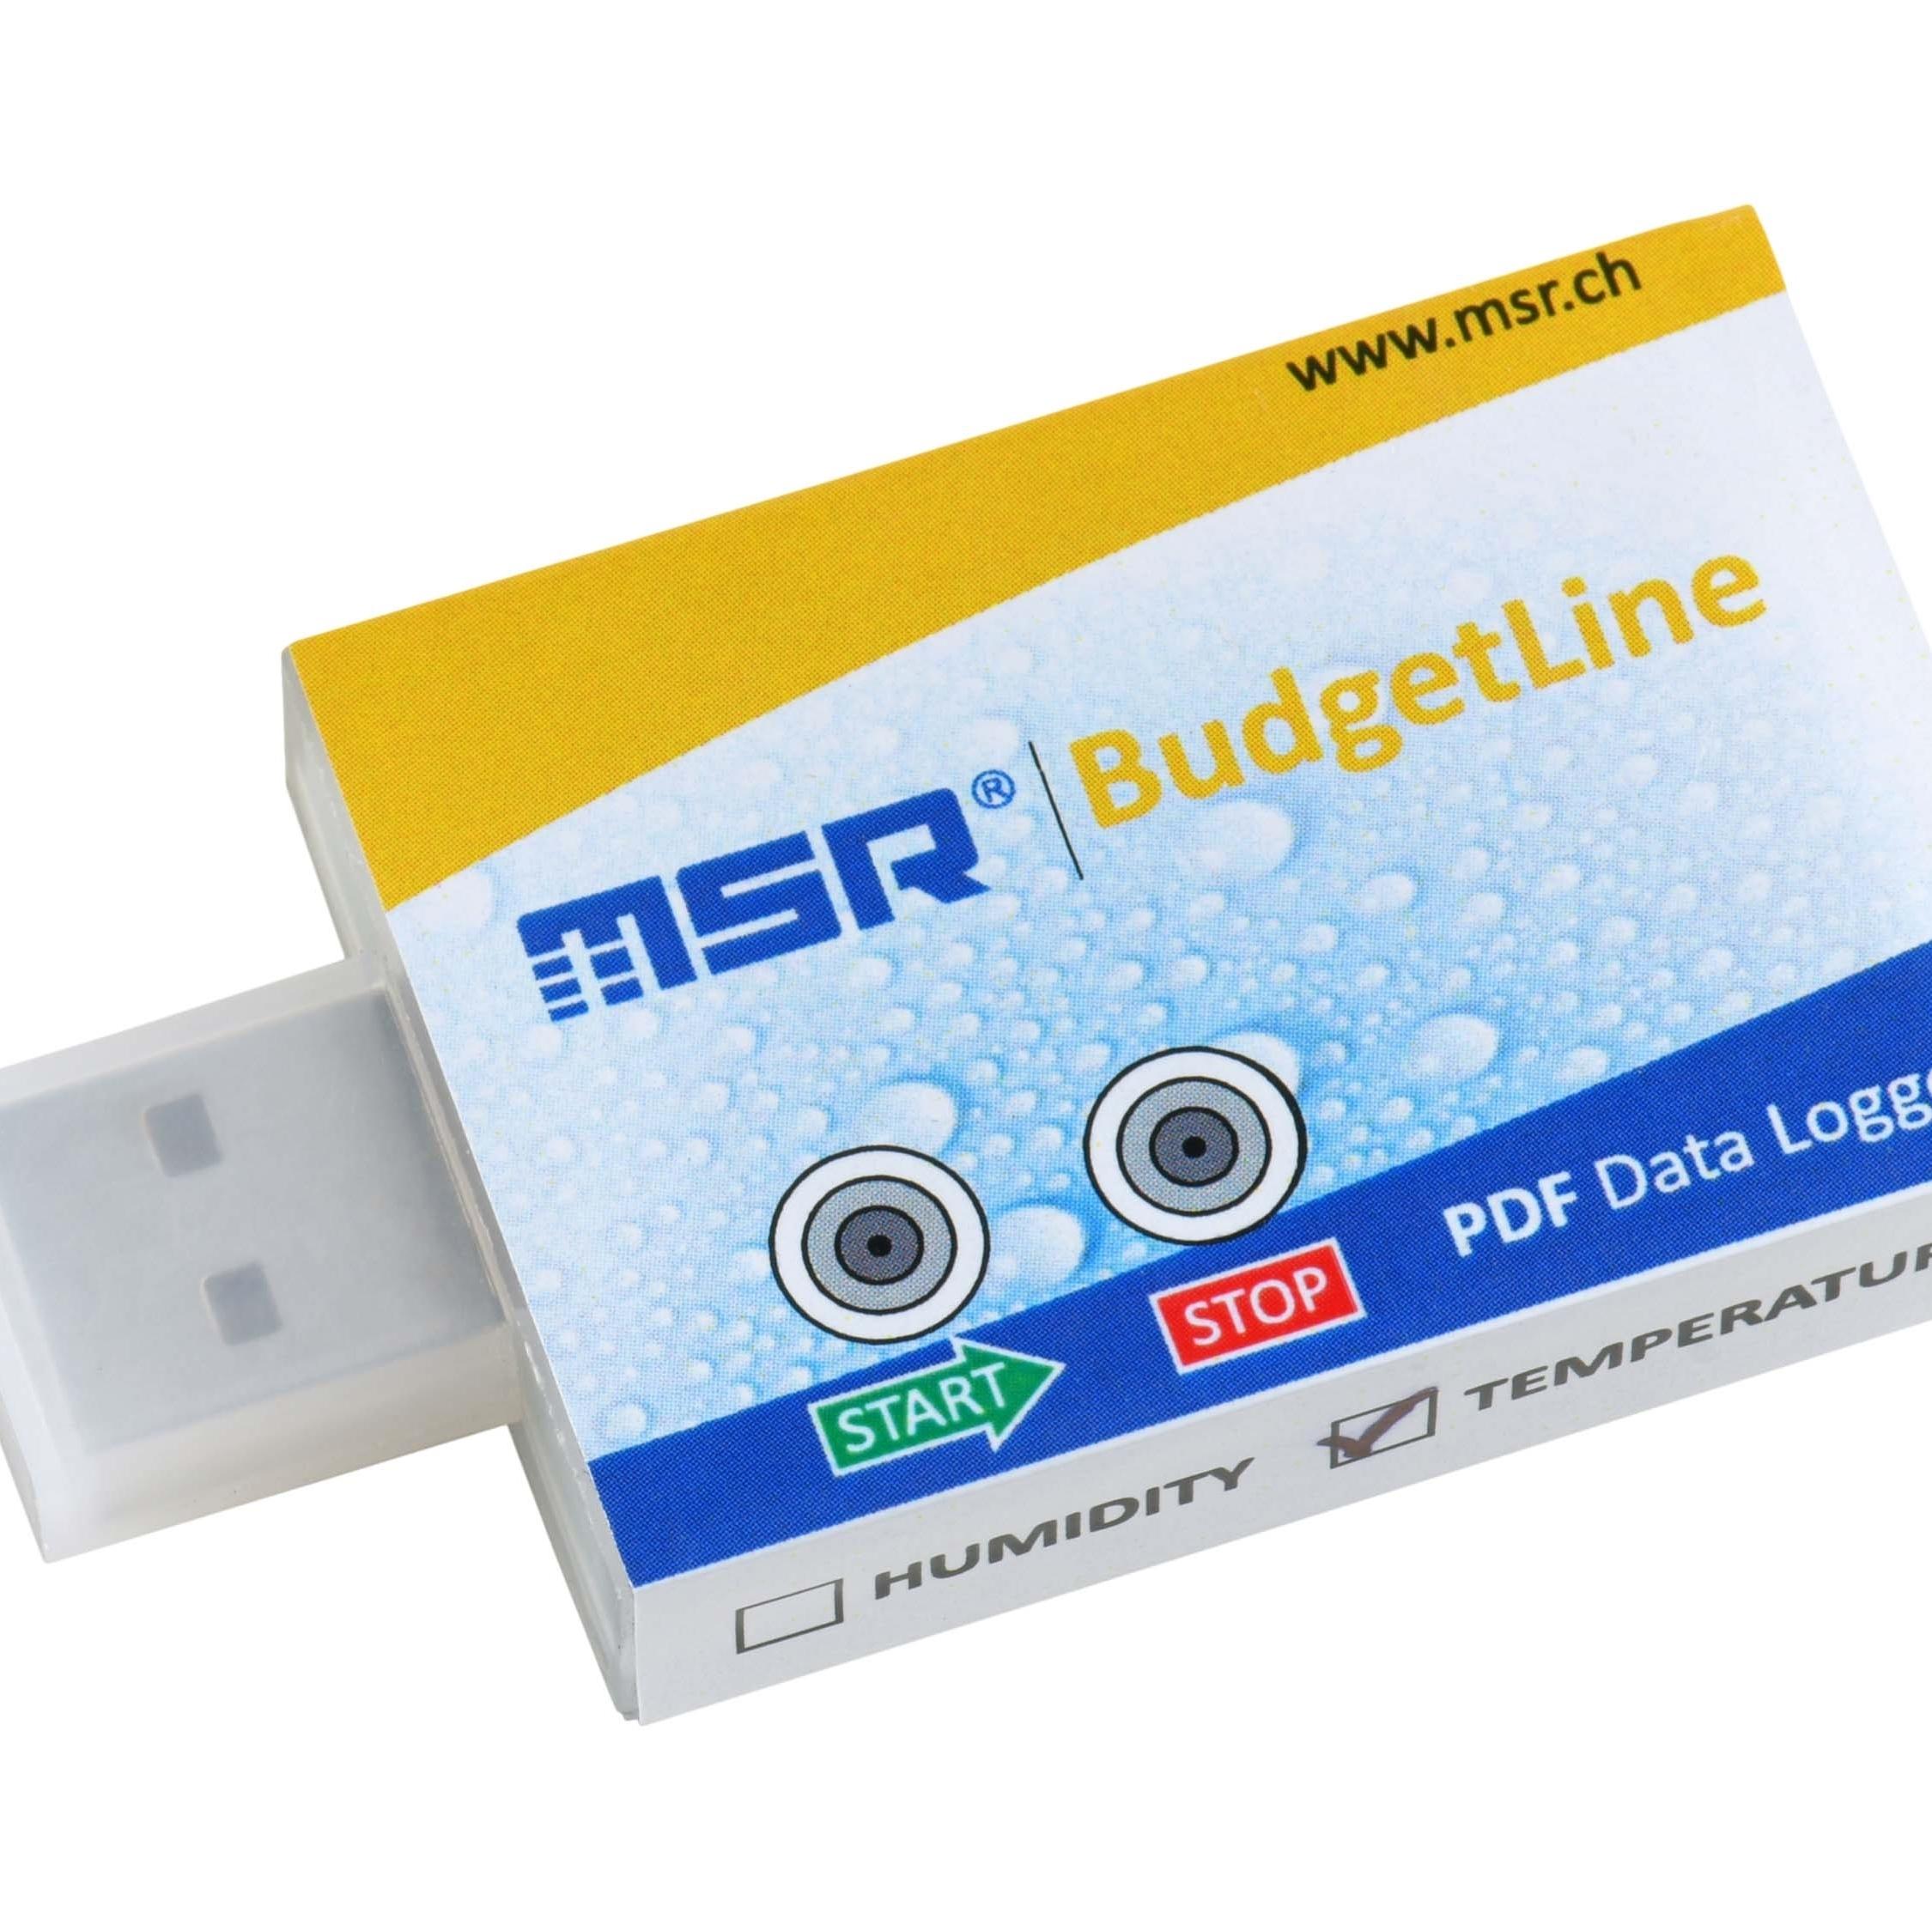 瑞士MSR可重复使用的经济型PDF数据记录仪